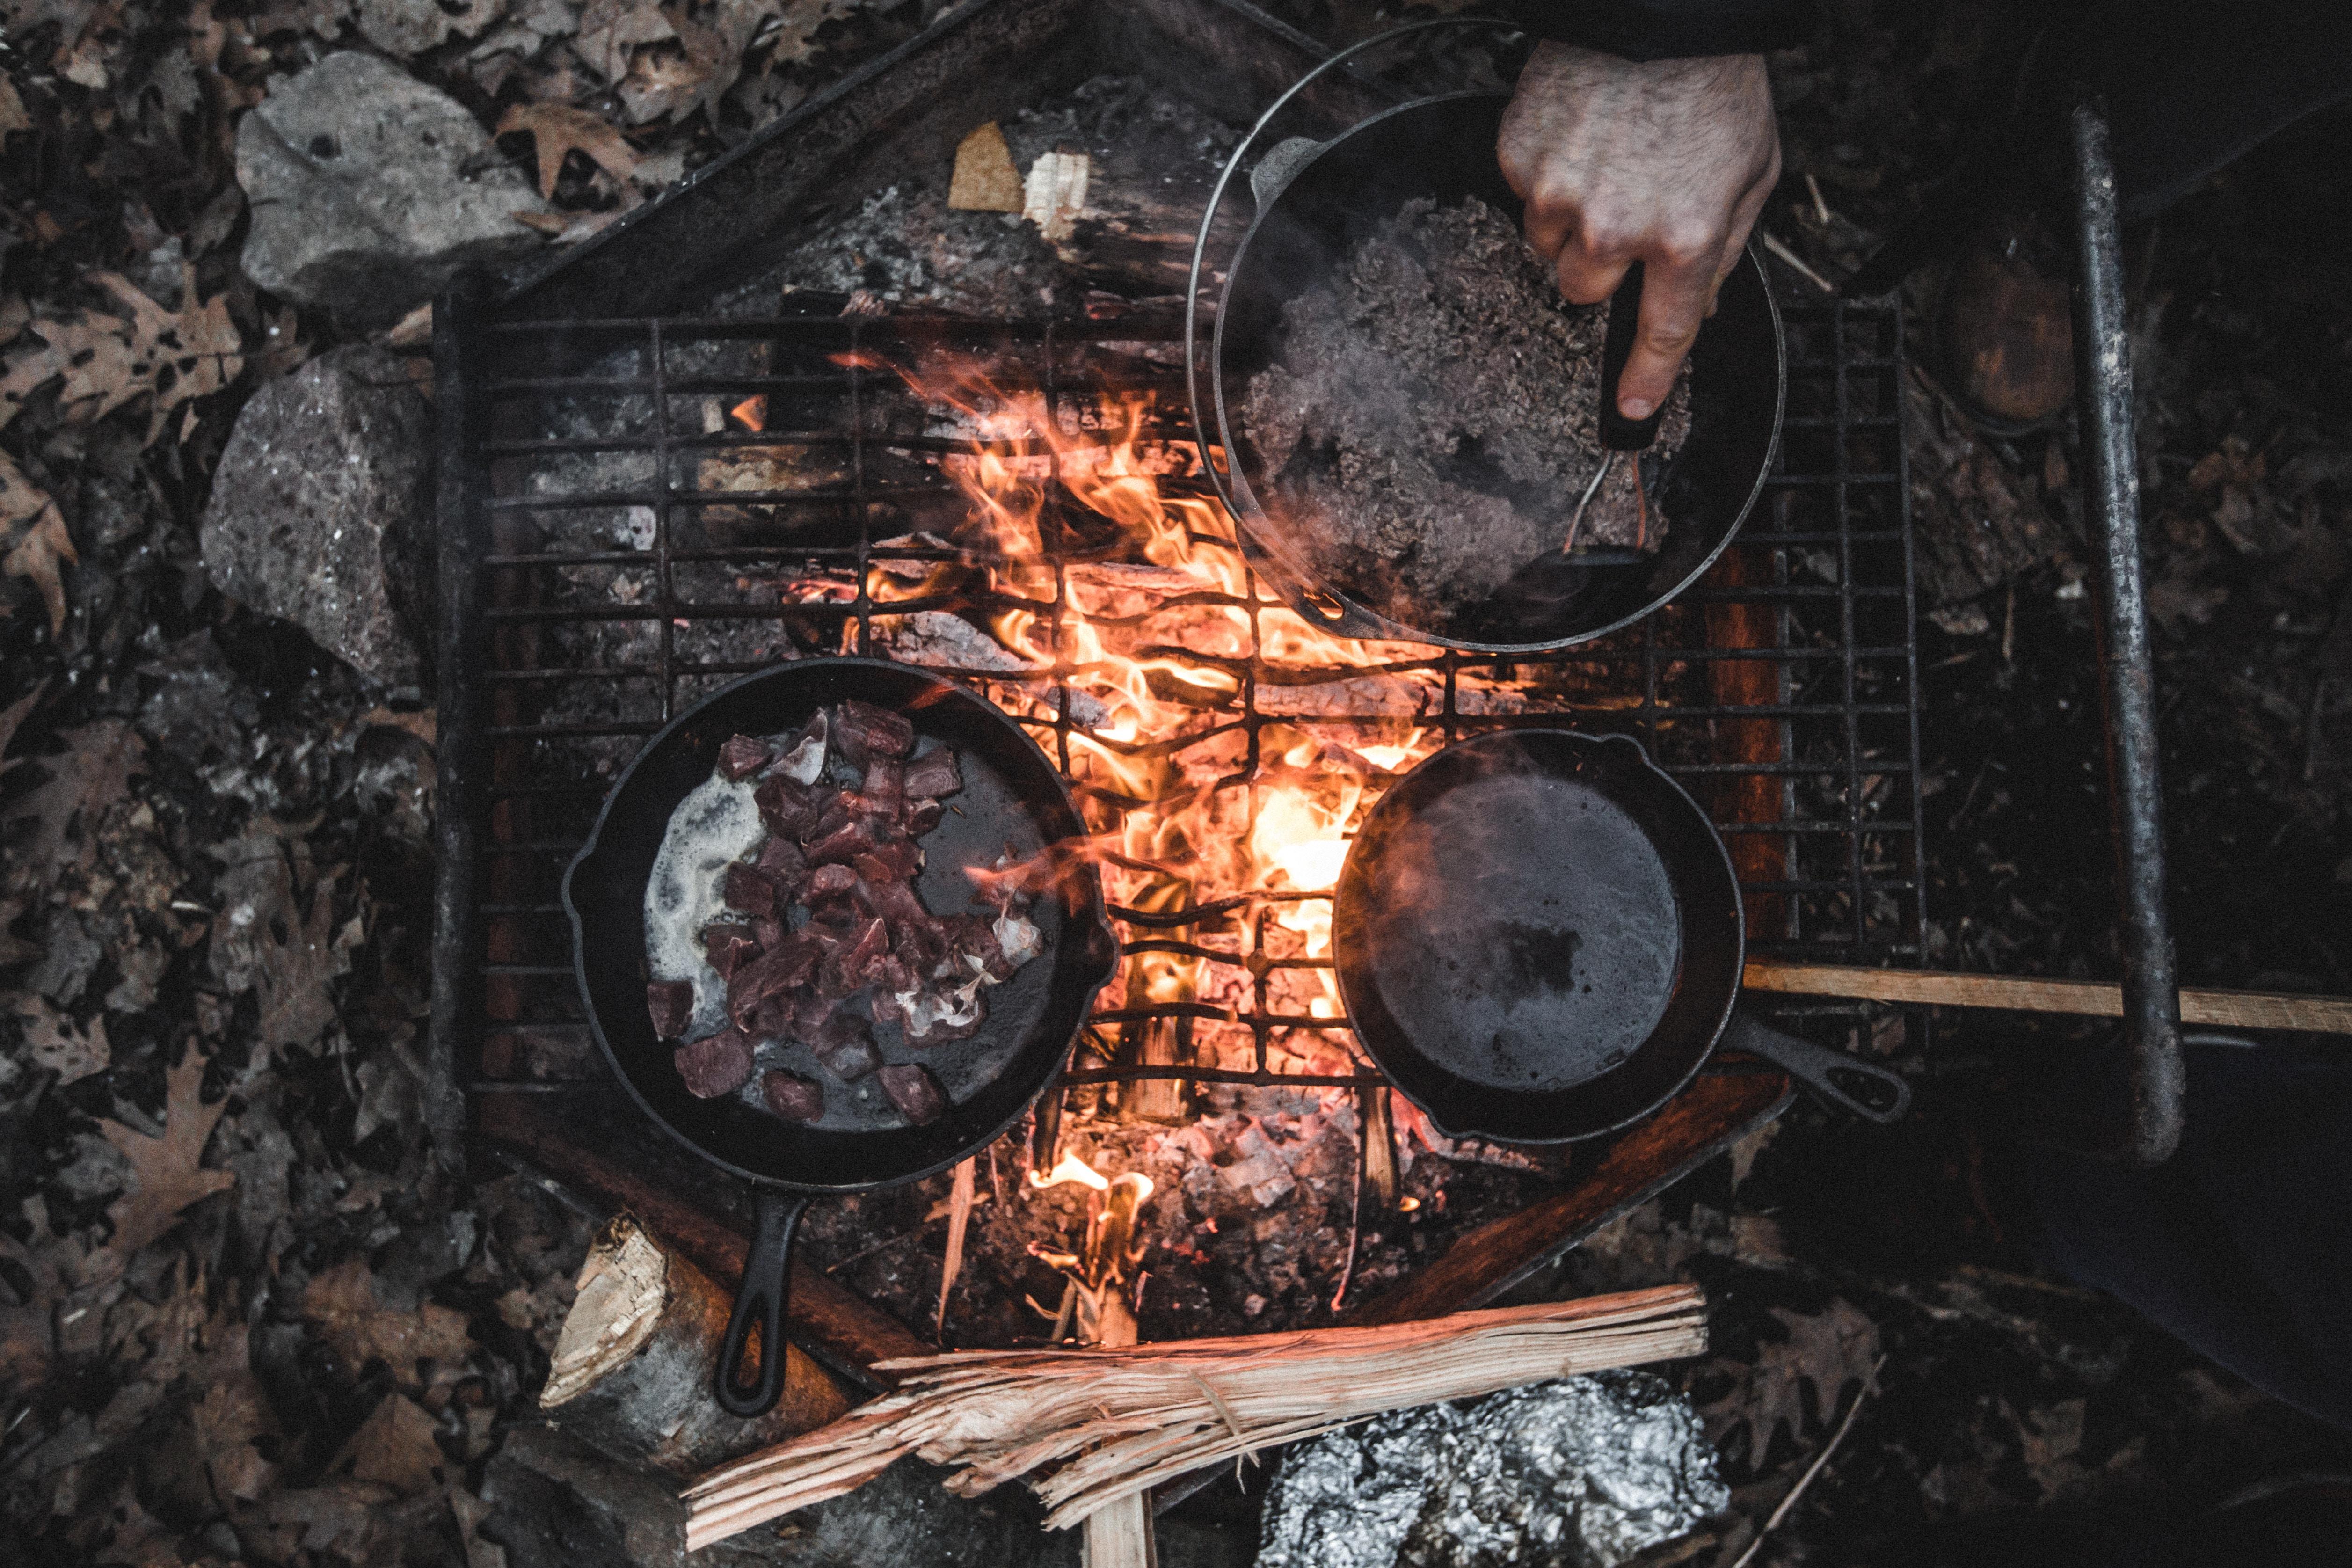 鉄鍋で調理直火上から見た